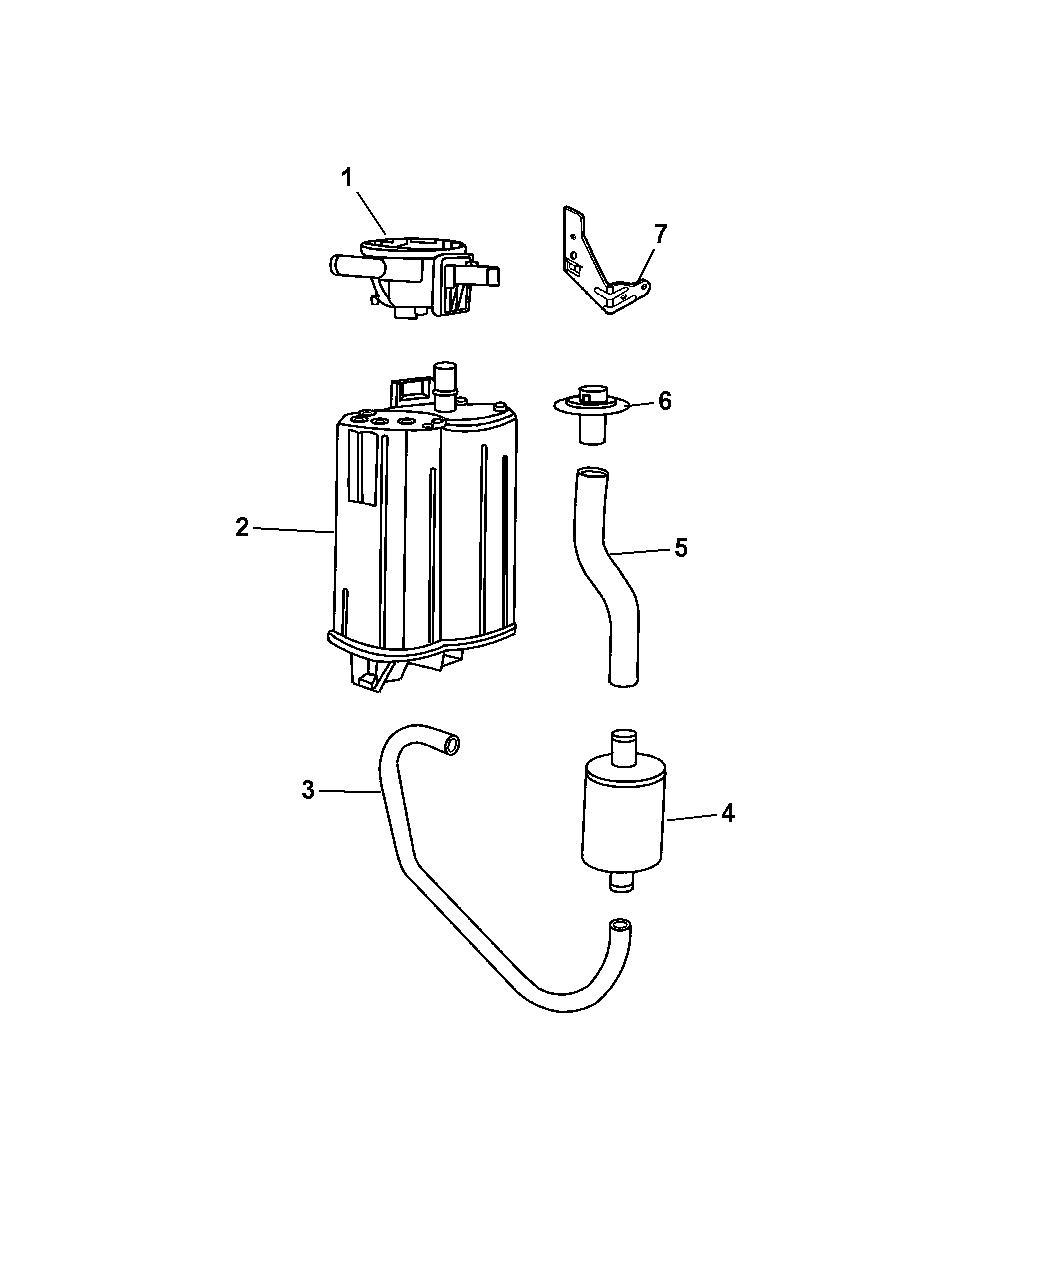 2006 Dodge Durango Vacuum Canister & Leak Detection Pump